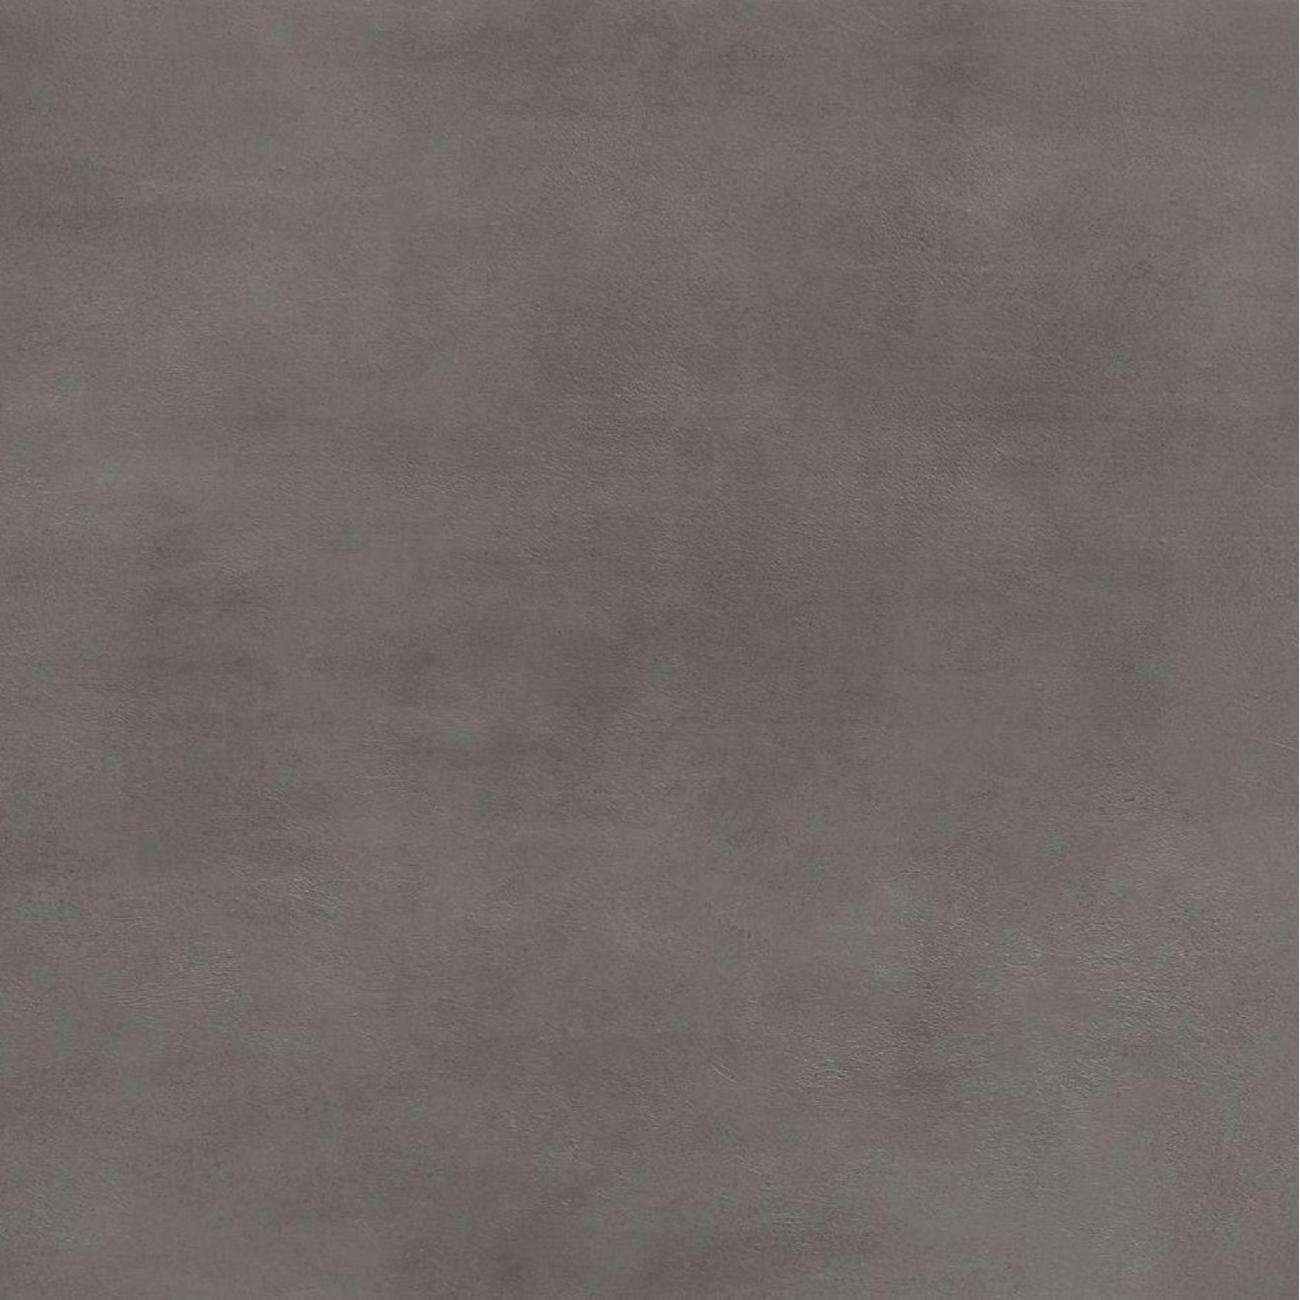 LAMINAM CALCE ANTRACITE 1000X3000